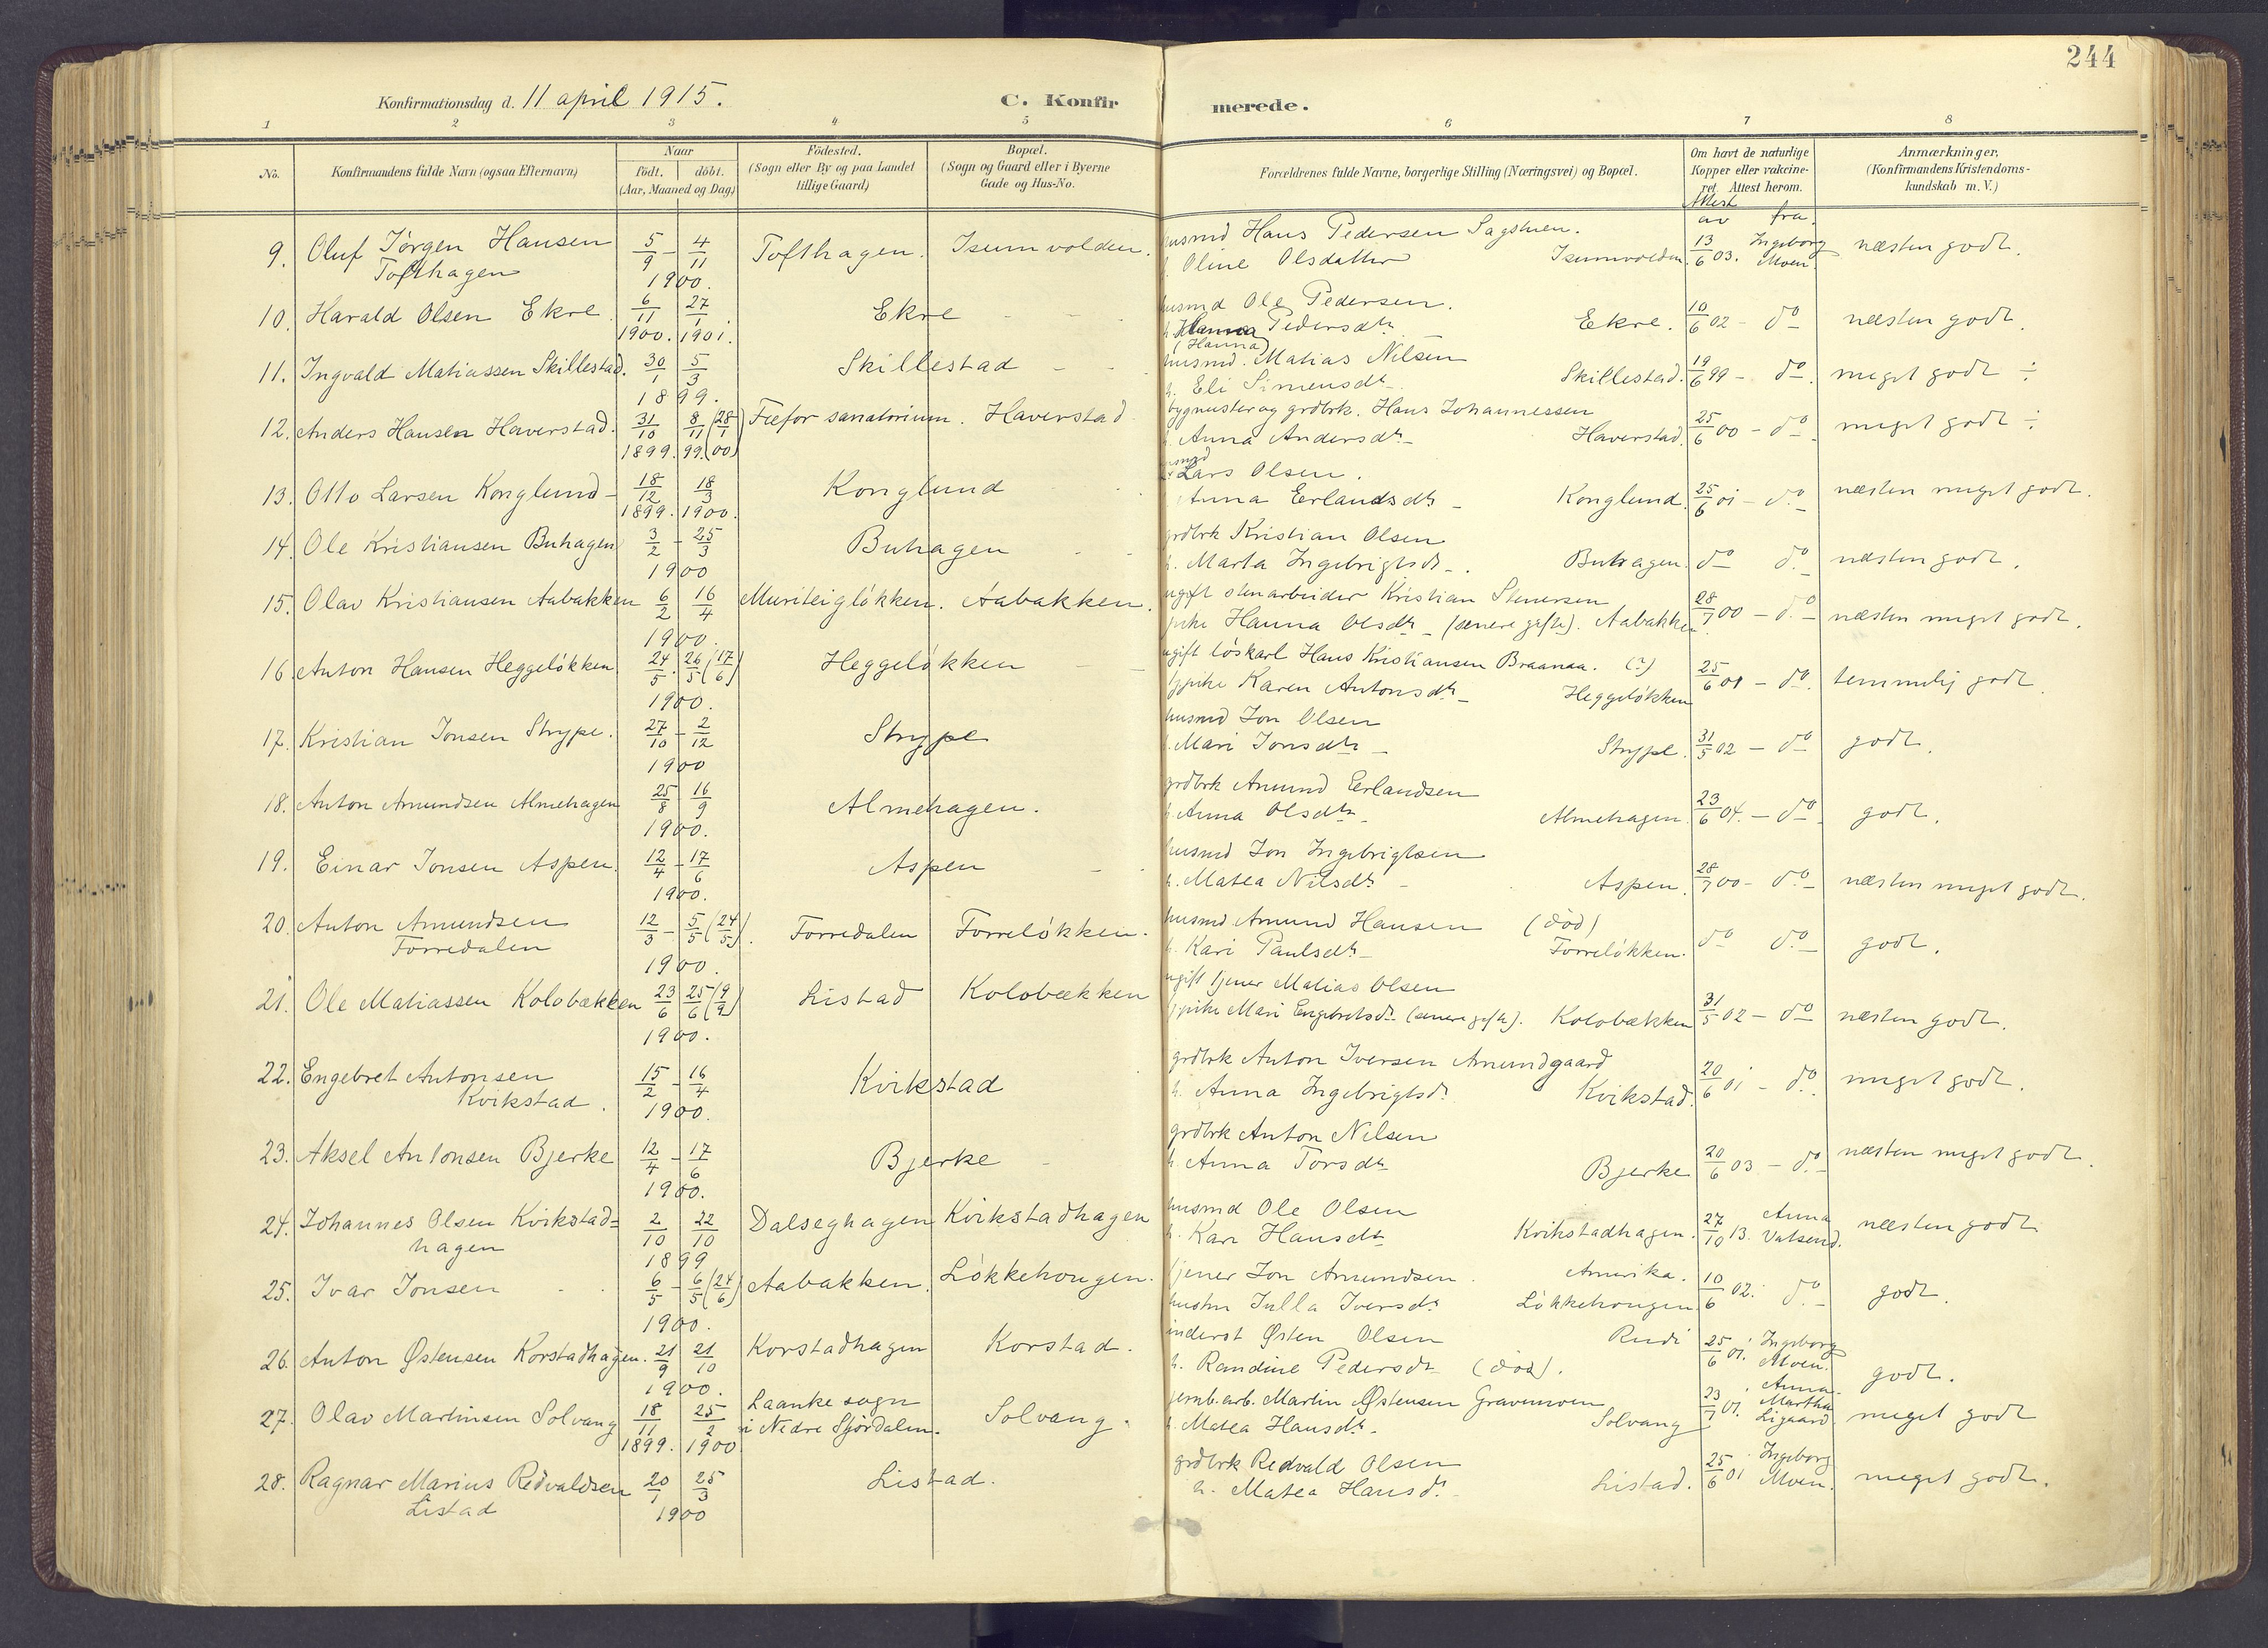 SAH, Sør-Fron prestekontor, H/Ha/Haa/L0004: Parish register (official) no. 4, 1898-1919, p. 244